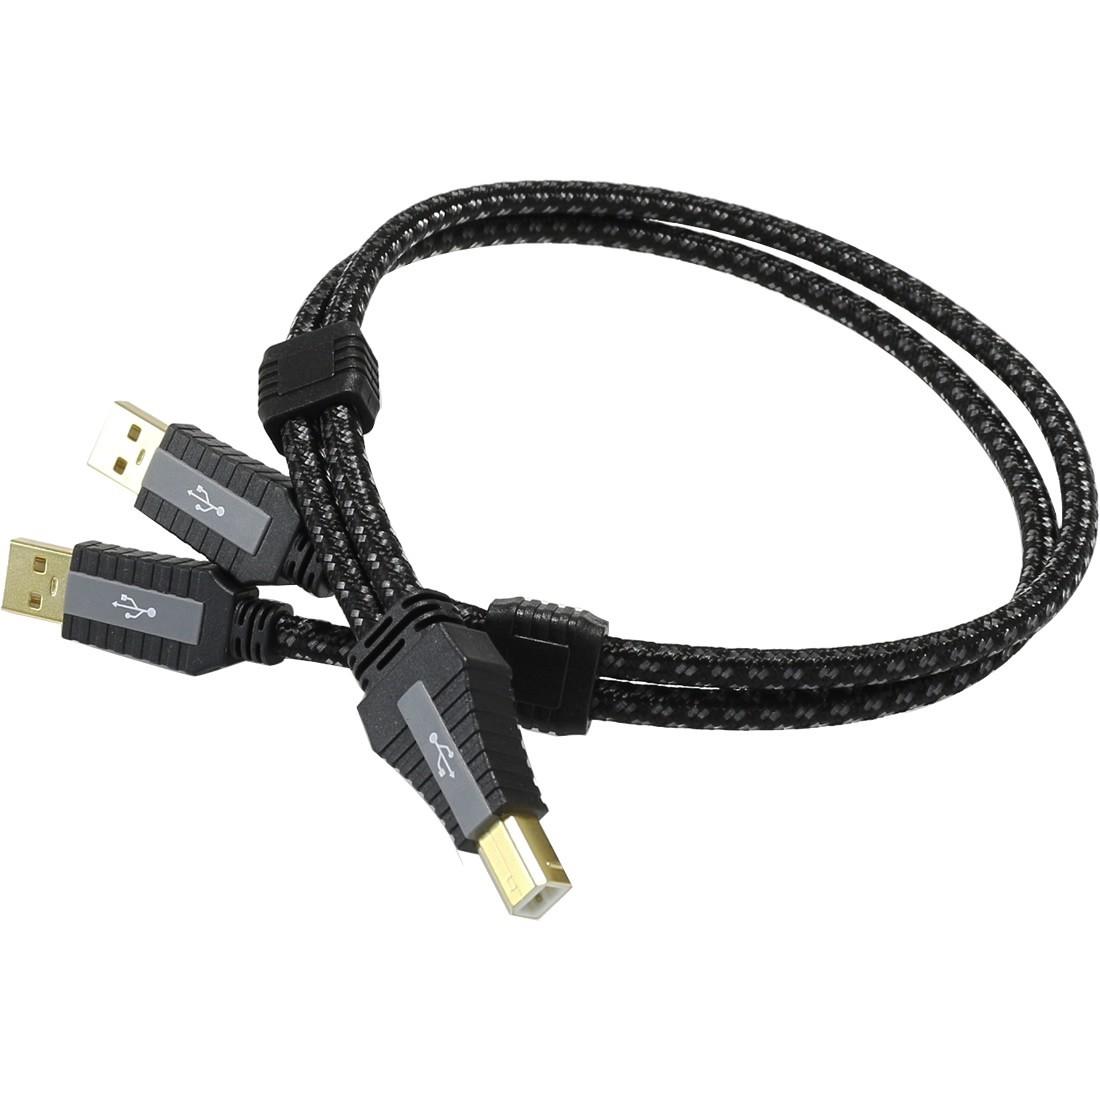 PANGEA Premier XL Câble USB-A Male/USB-B Male 2.0 Cardas Copper plaqué Or 1m